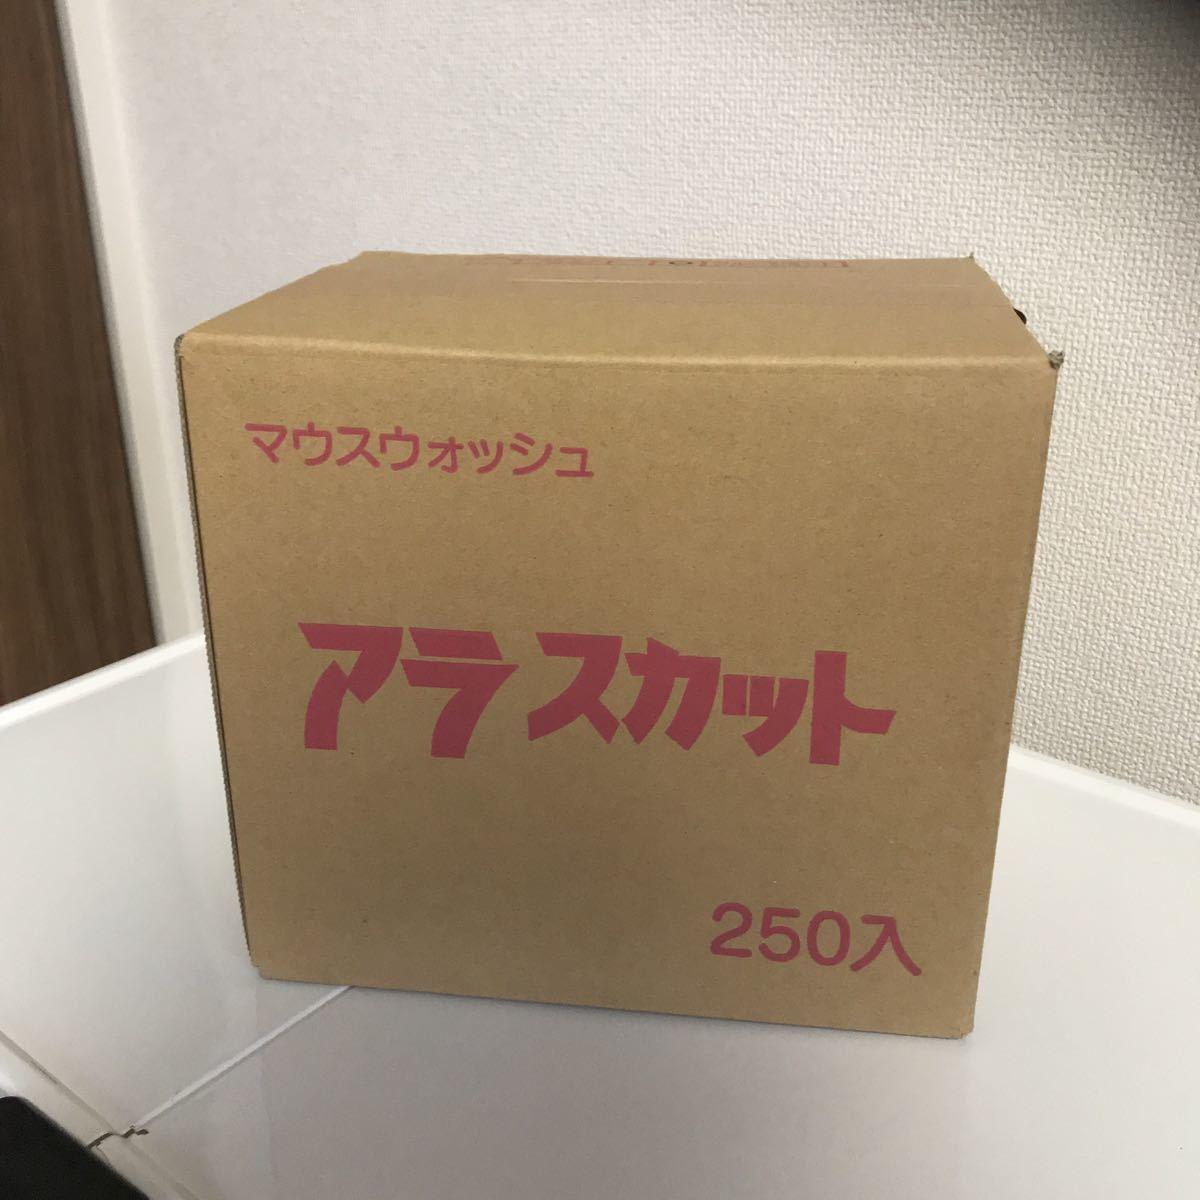 携帯用マウスウォッシュ」「個包装タイプ」「キシリトール配合」業務用 使い捨て マウスウォッシュ アラスカット14ml x250個セット_画像3